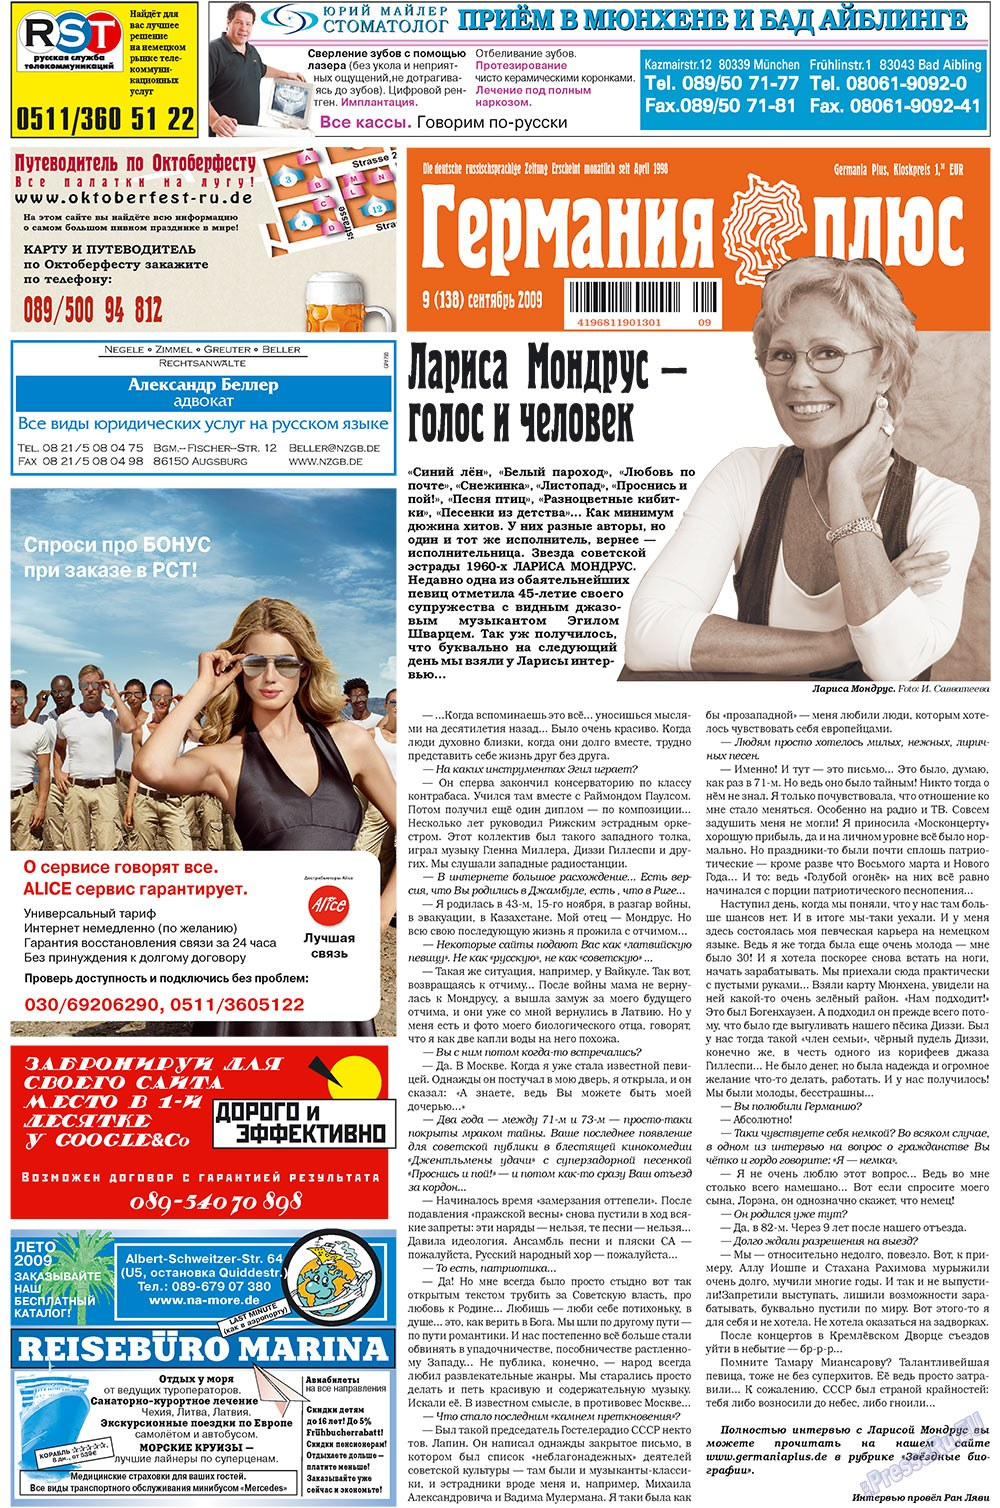 Германия плюс (газета). 2009 год, номер 9, стр. 1